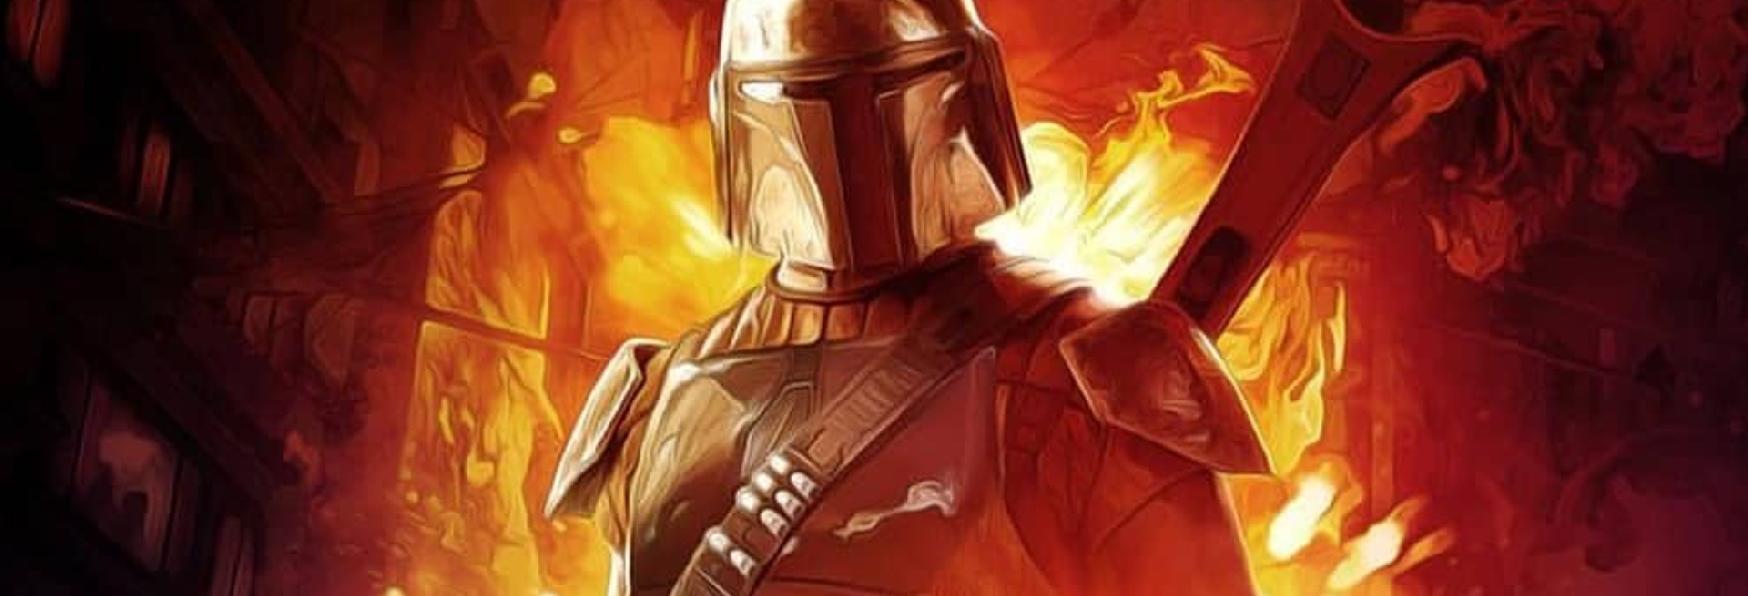 The Mandalorian: svelato il Primo Video Footage della Serie alle Star Wars Celebration